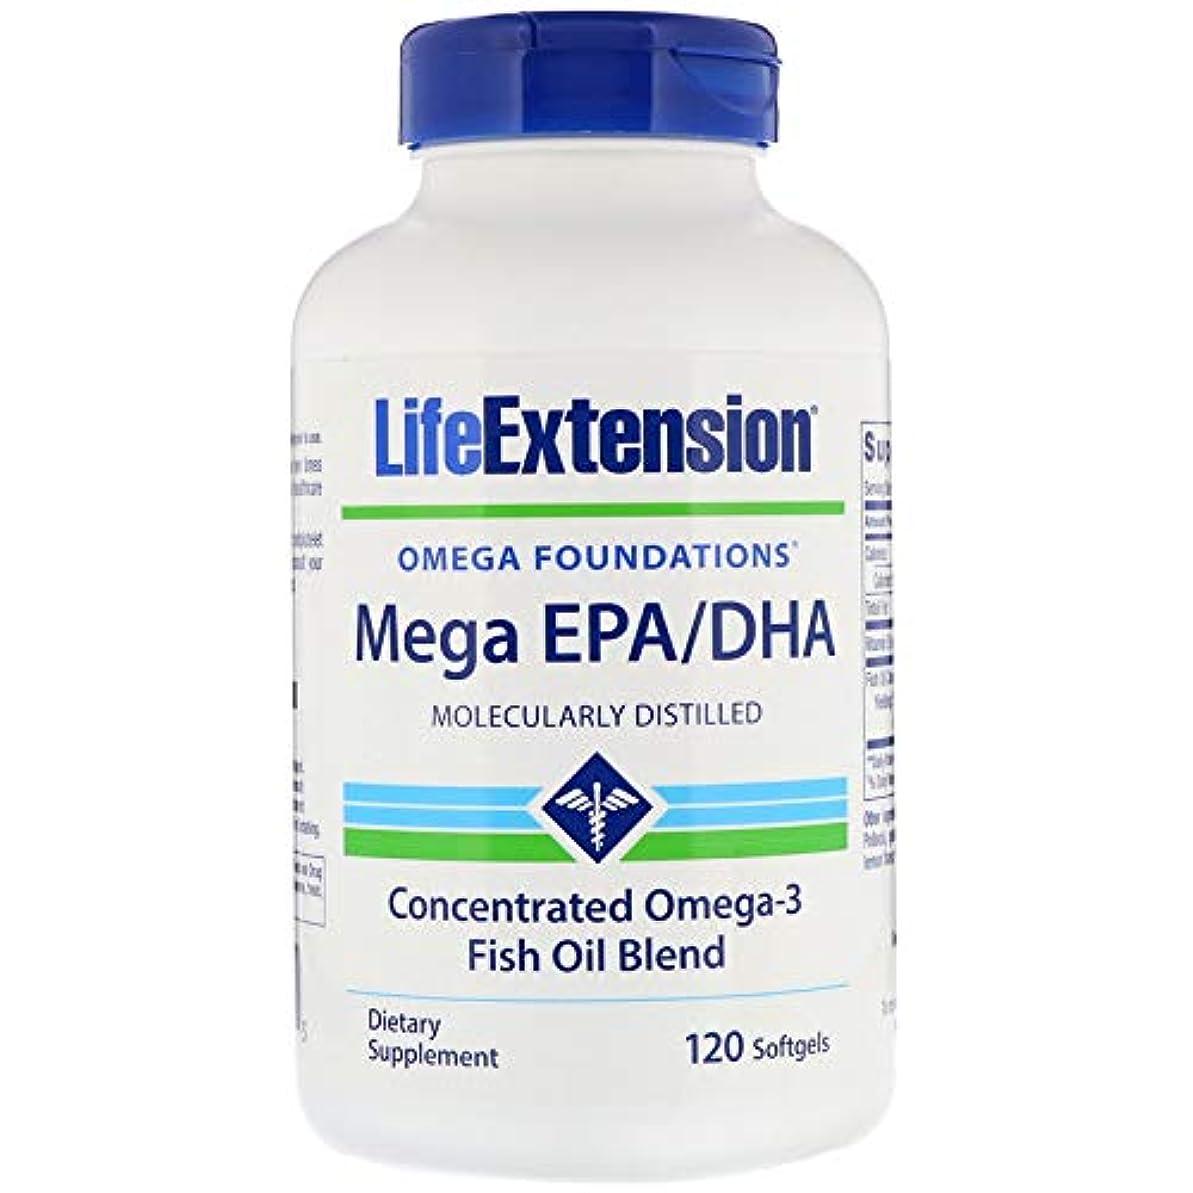 ガイドライン王室肉のメガ EPA/DHA600 mg含有/粒 120粒ソフトジェルカプセル 海外直送品